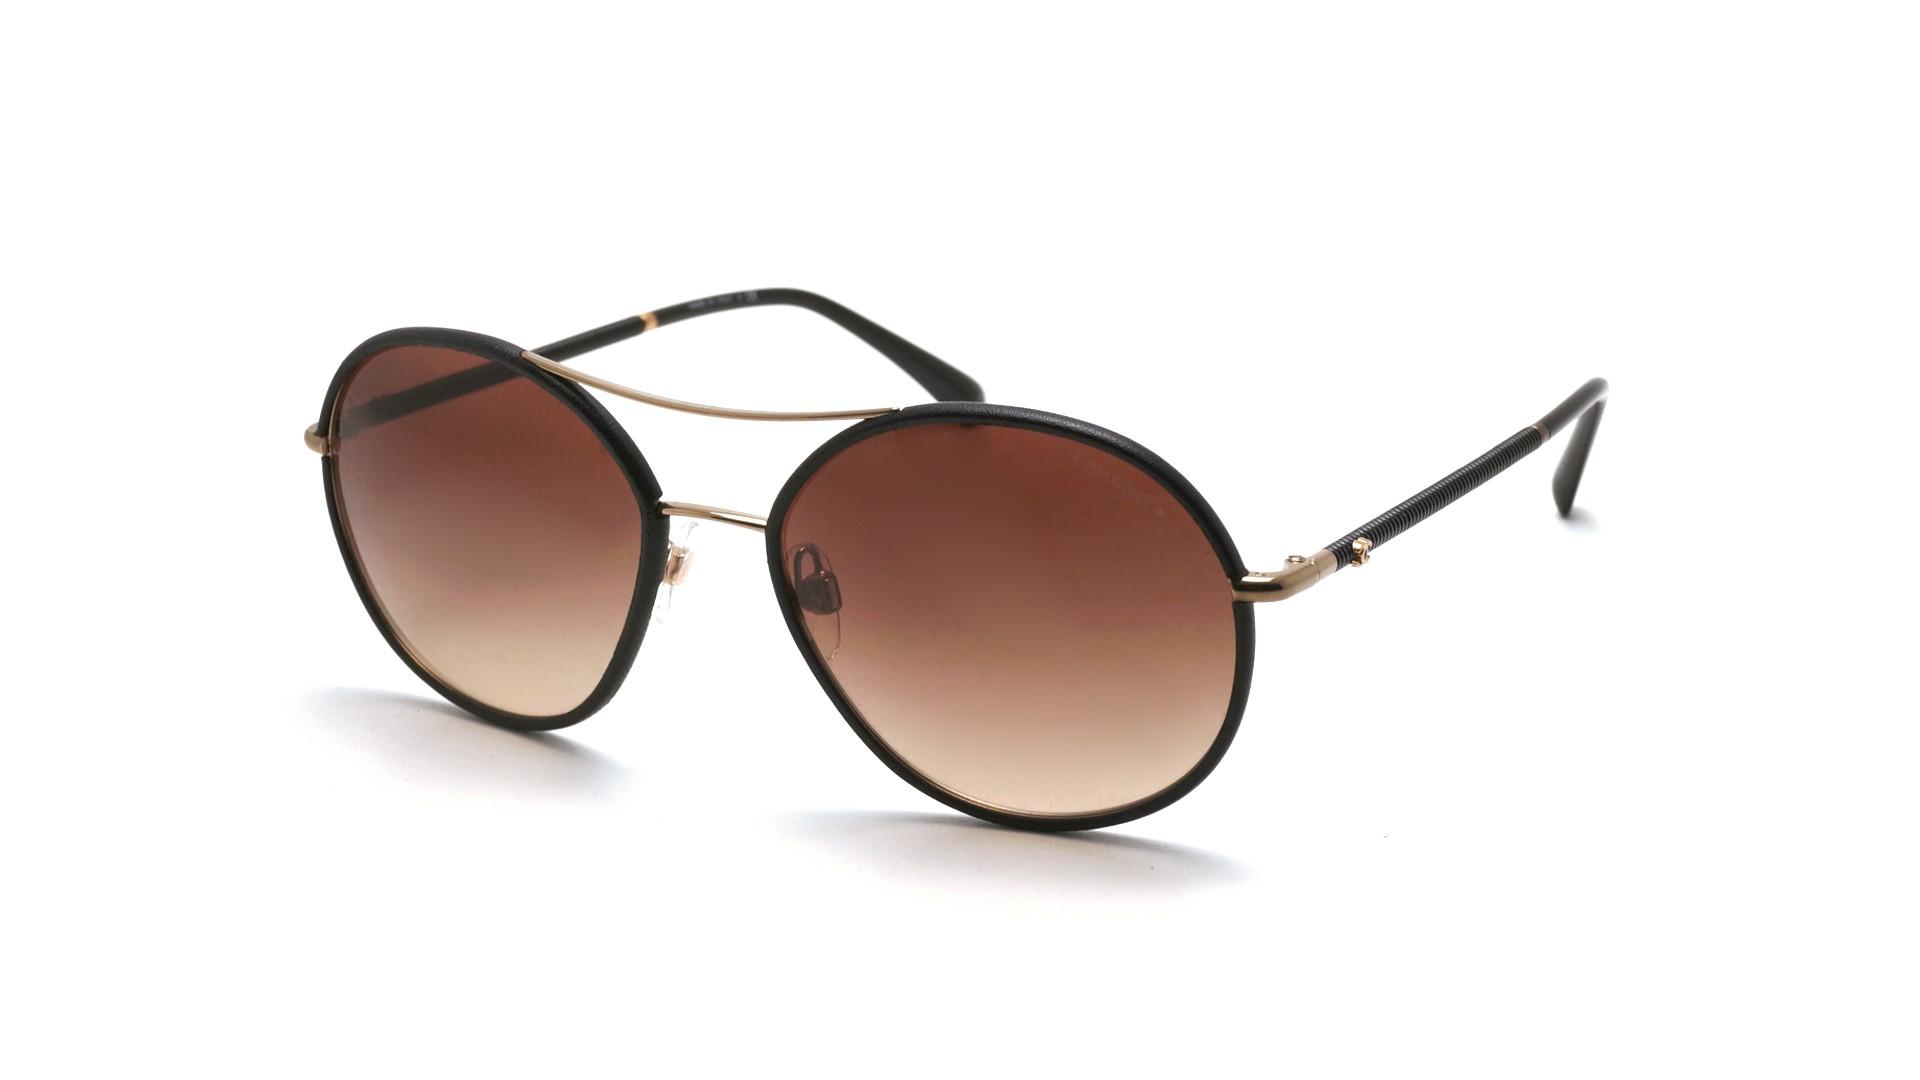 154aea881e871 Sunglasses Chanel CH4228Q C470S5 56-17 Brown Matte Medium Gradient